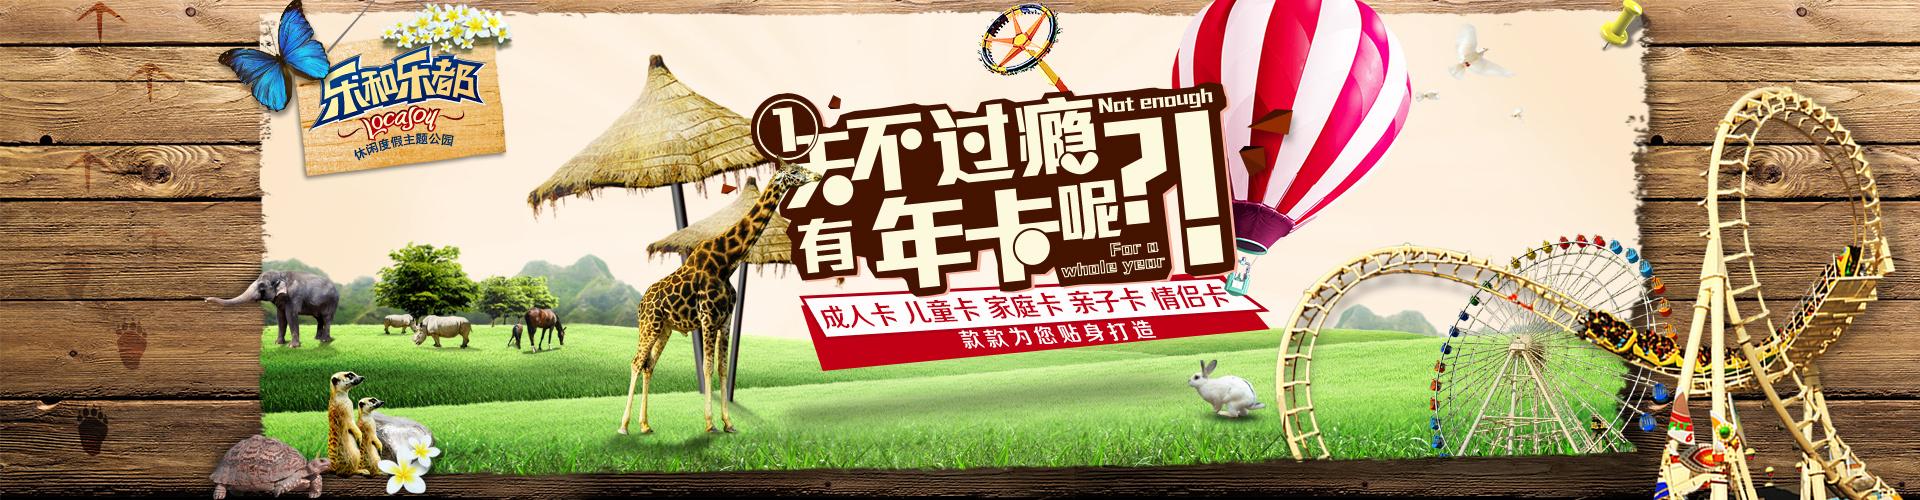 游乐园 动物园 淘宝banner 广告图